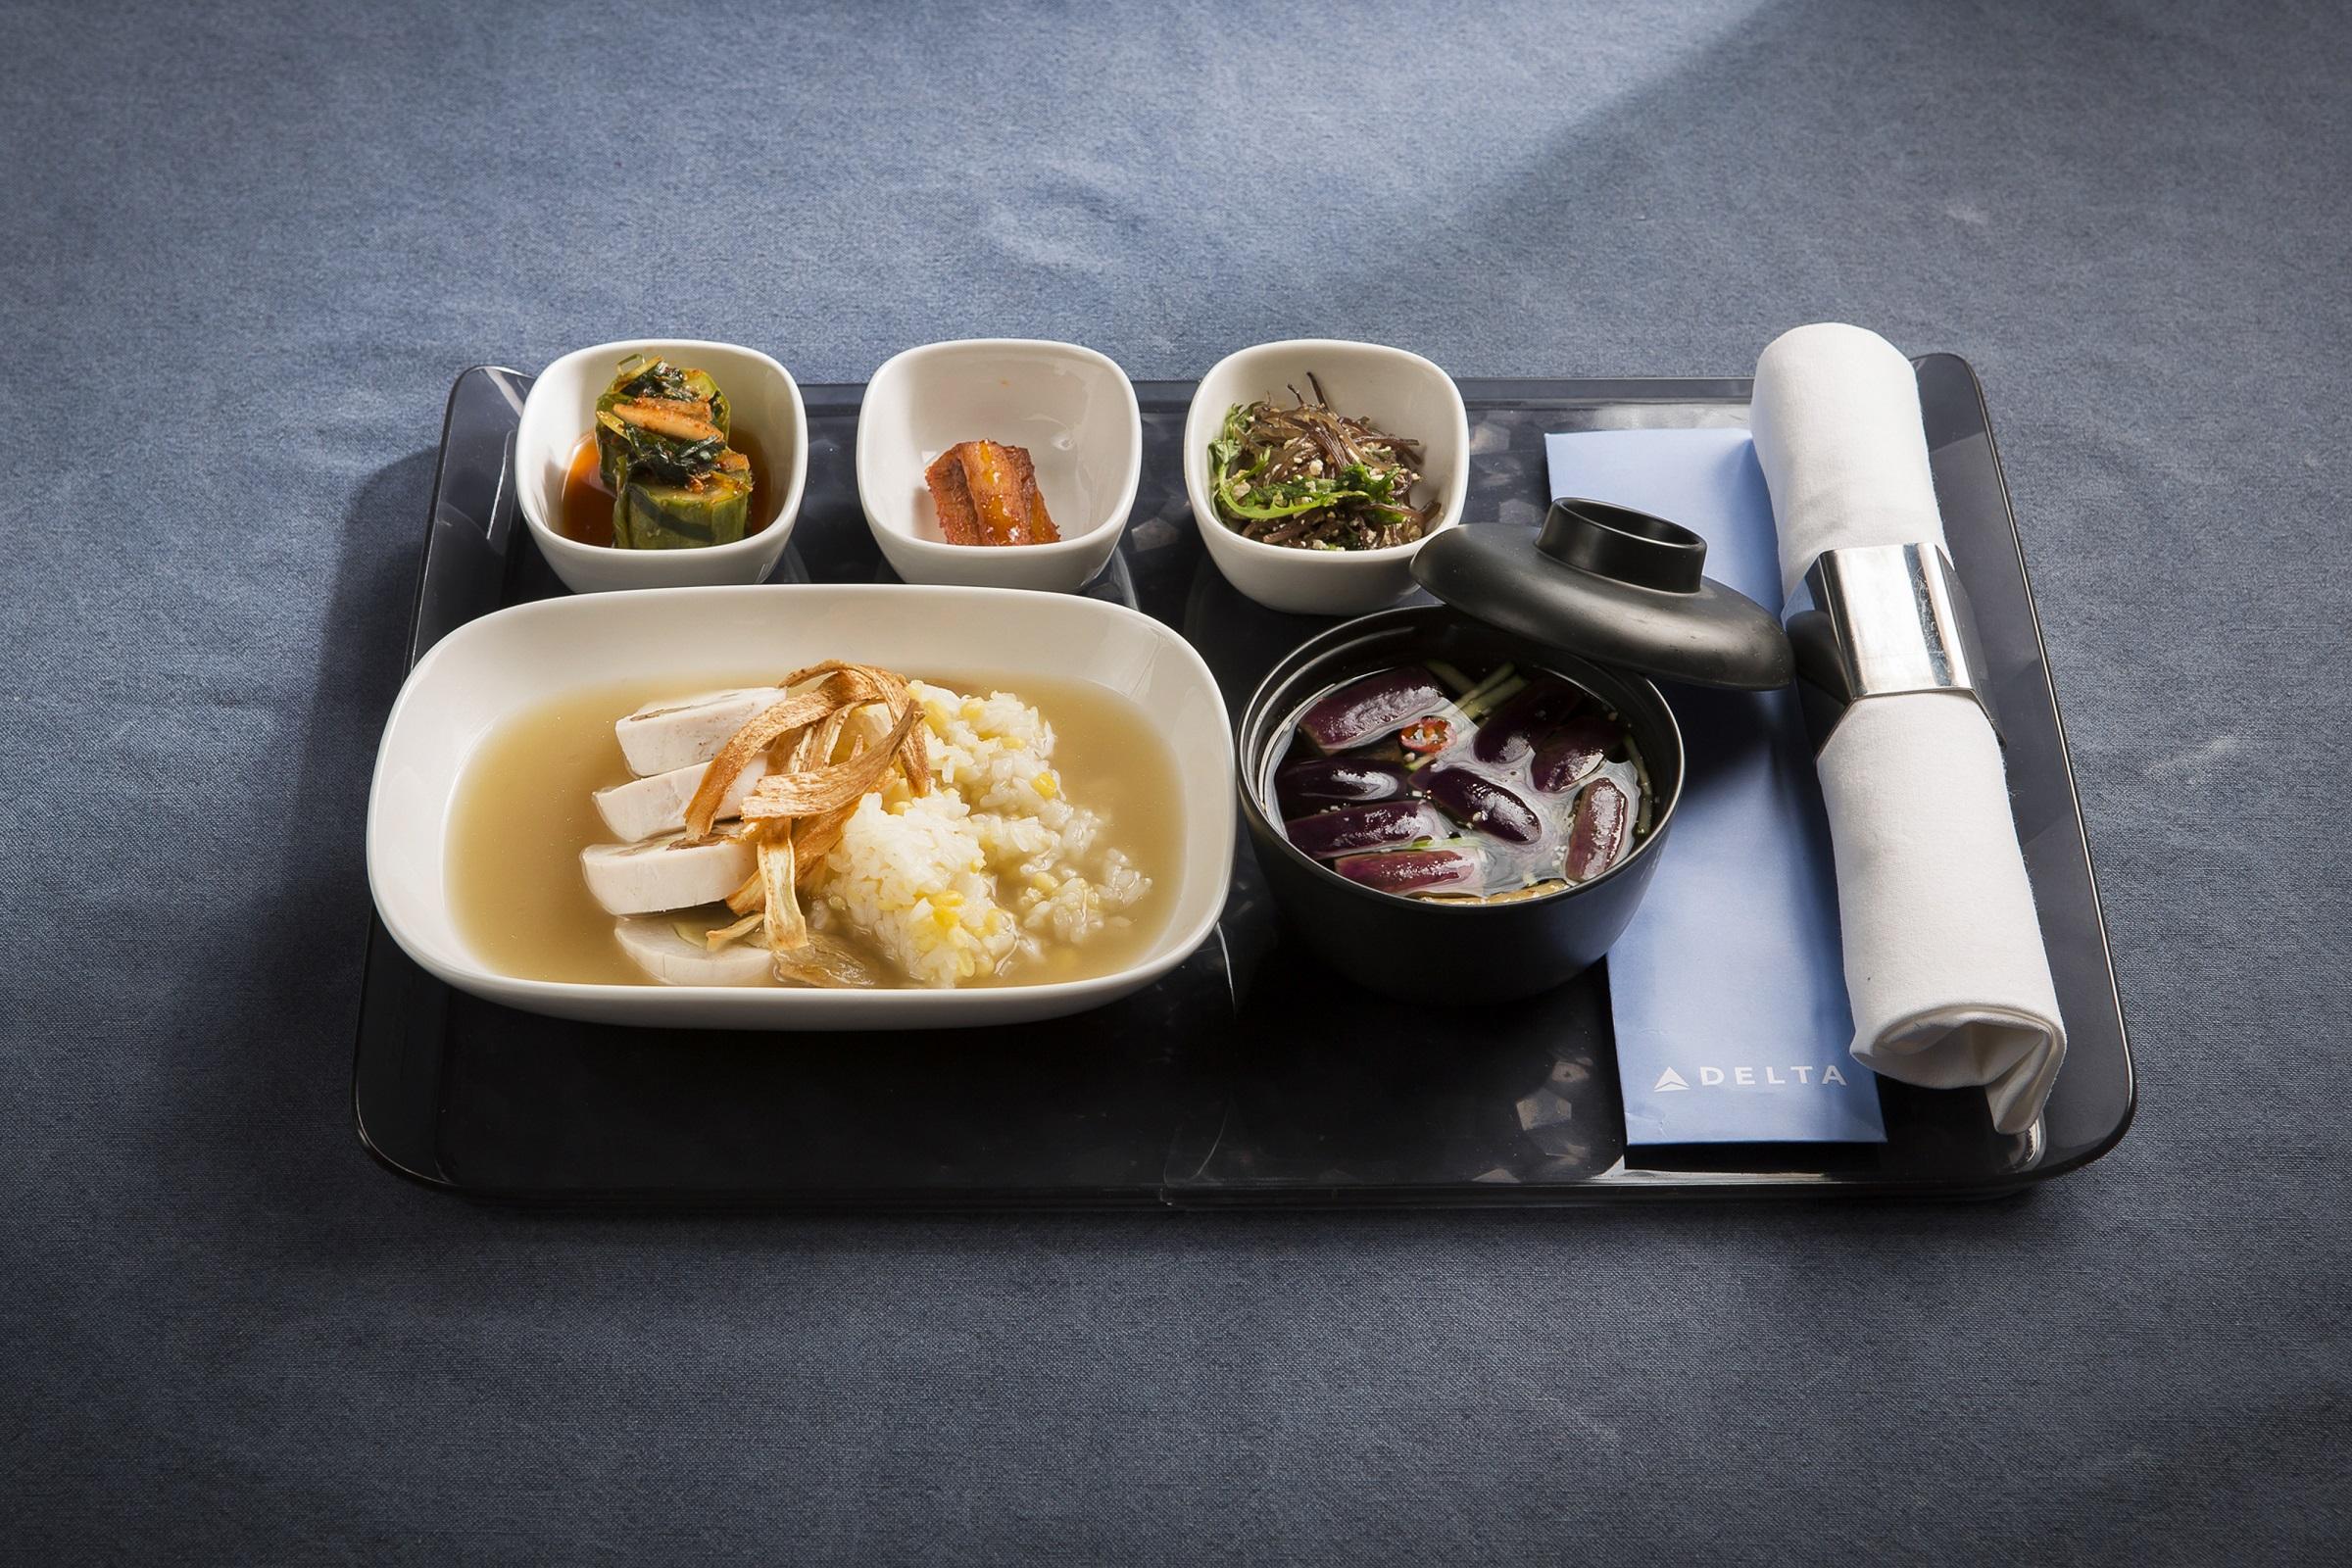 인천발 미국행 델타항공편에서 만나볼 수 있는 더덕, 꼬시래기, 오이소박이 반찬과 가지냉국이 곁들여진 삼계탕과 녹두찰밥 한식 기내식